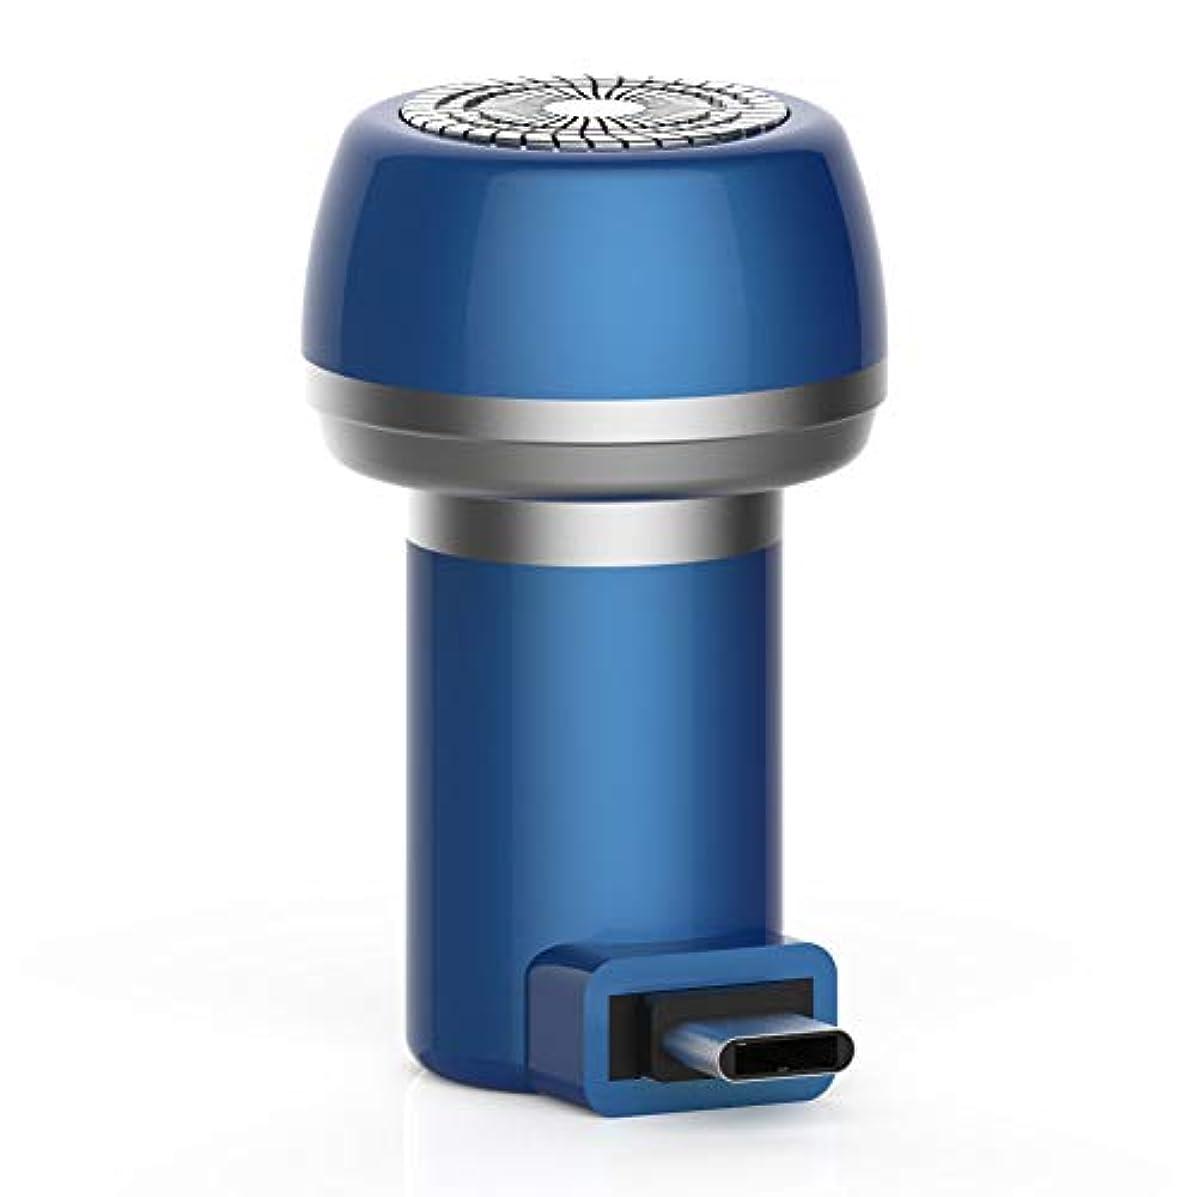 時代遅れグリットナラーバーCoolTack  電気充電式シェーバー、2に付き1磁気電気シェーバーミニポータブルType-C USB防水耐久性剃刀